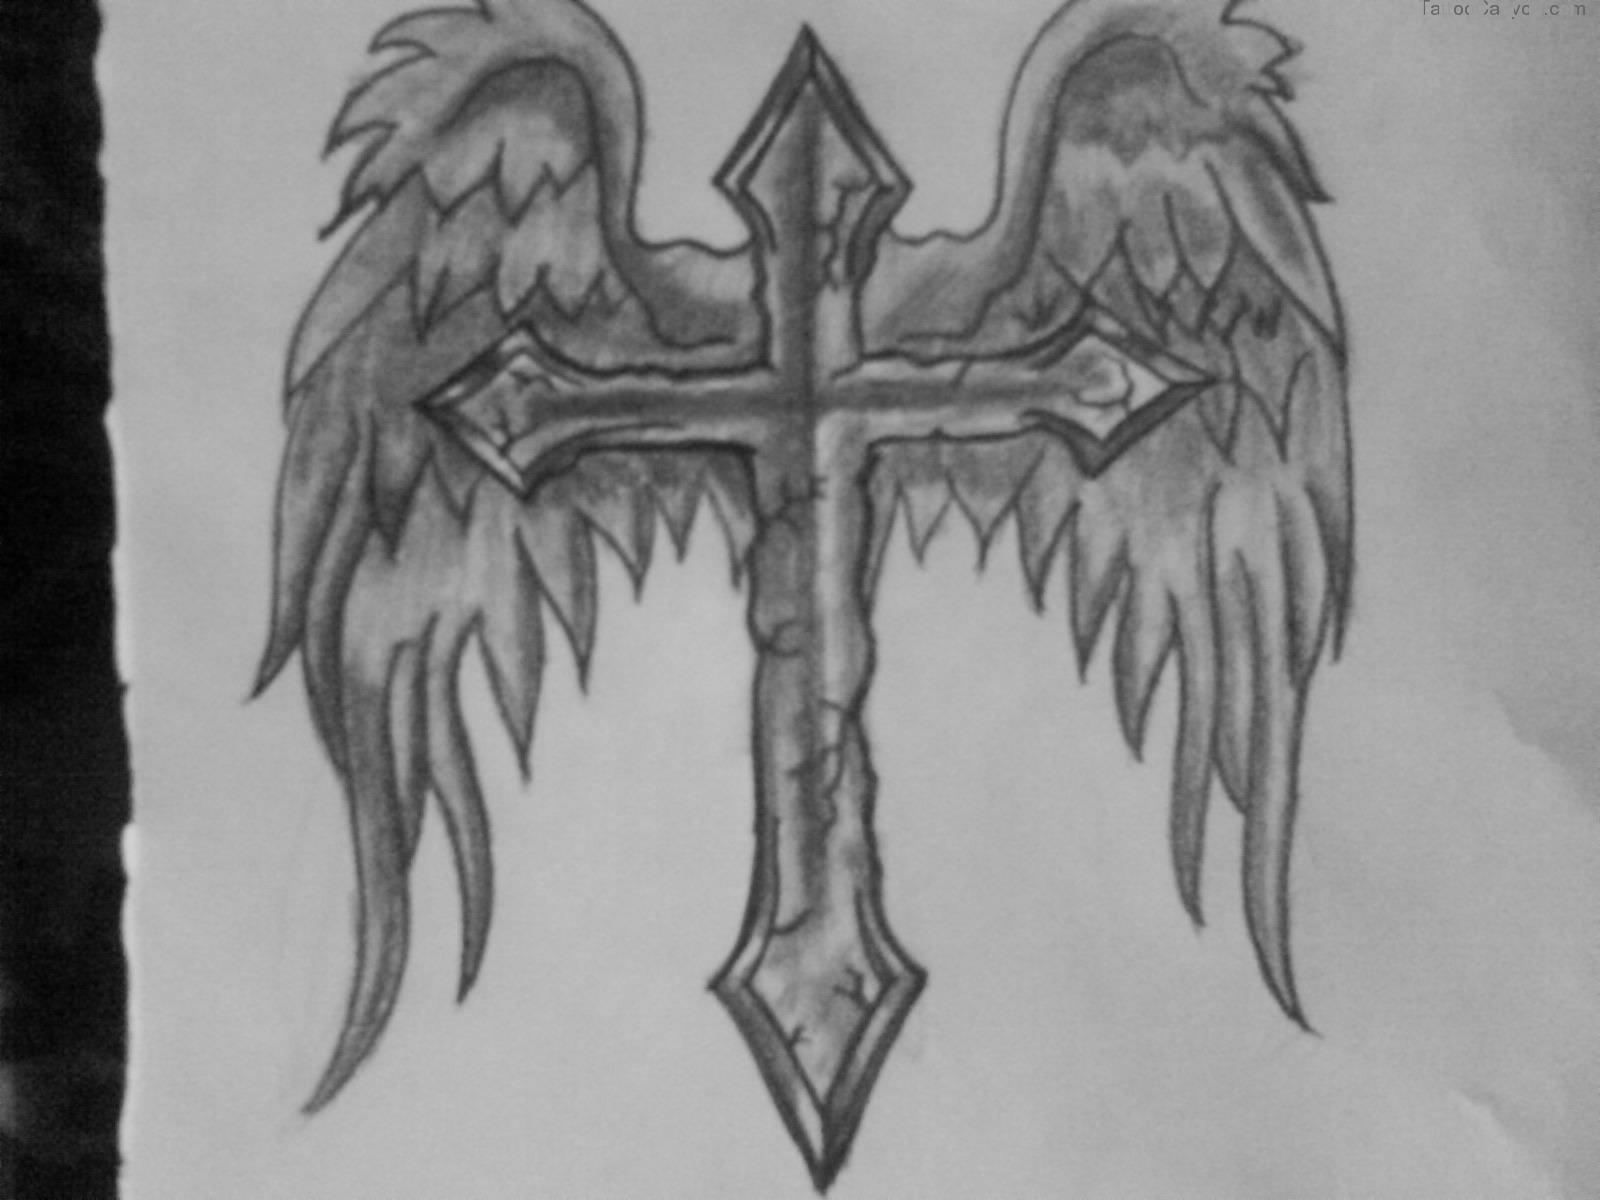 Drawn angel cross Wings Design drawing Wings wings